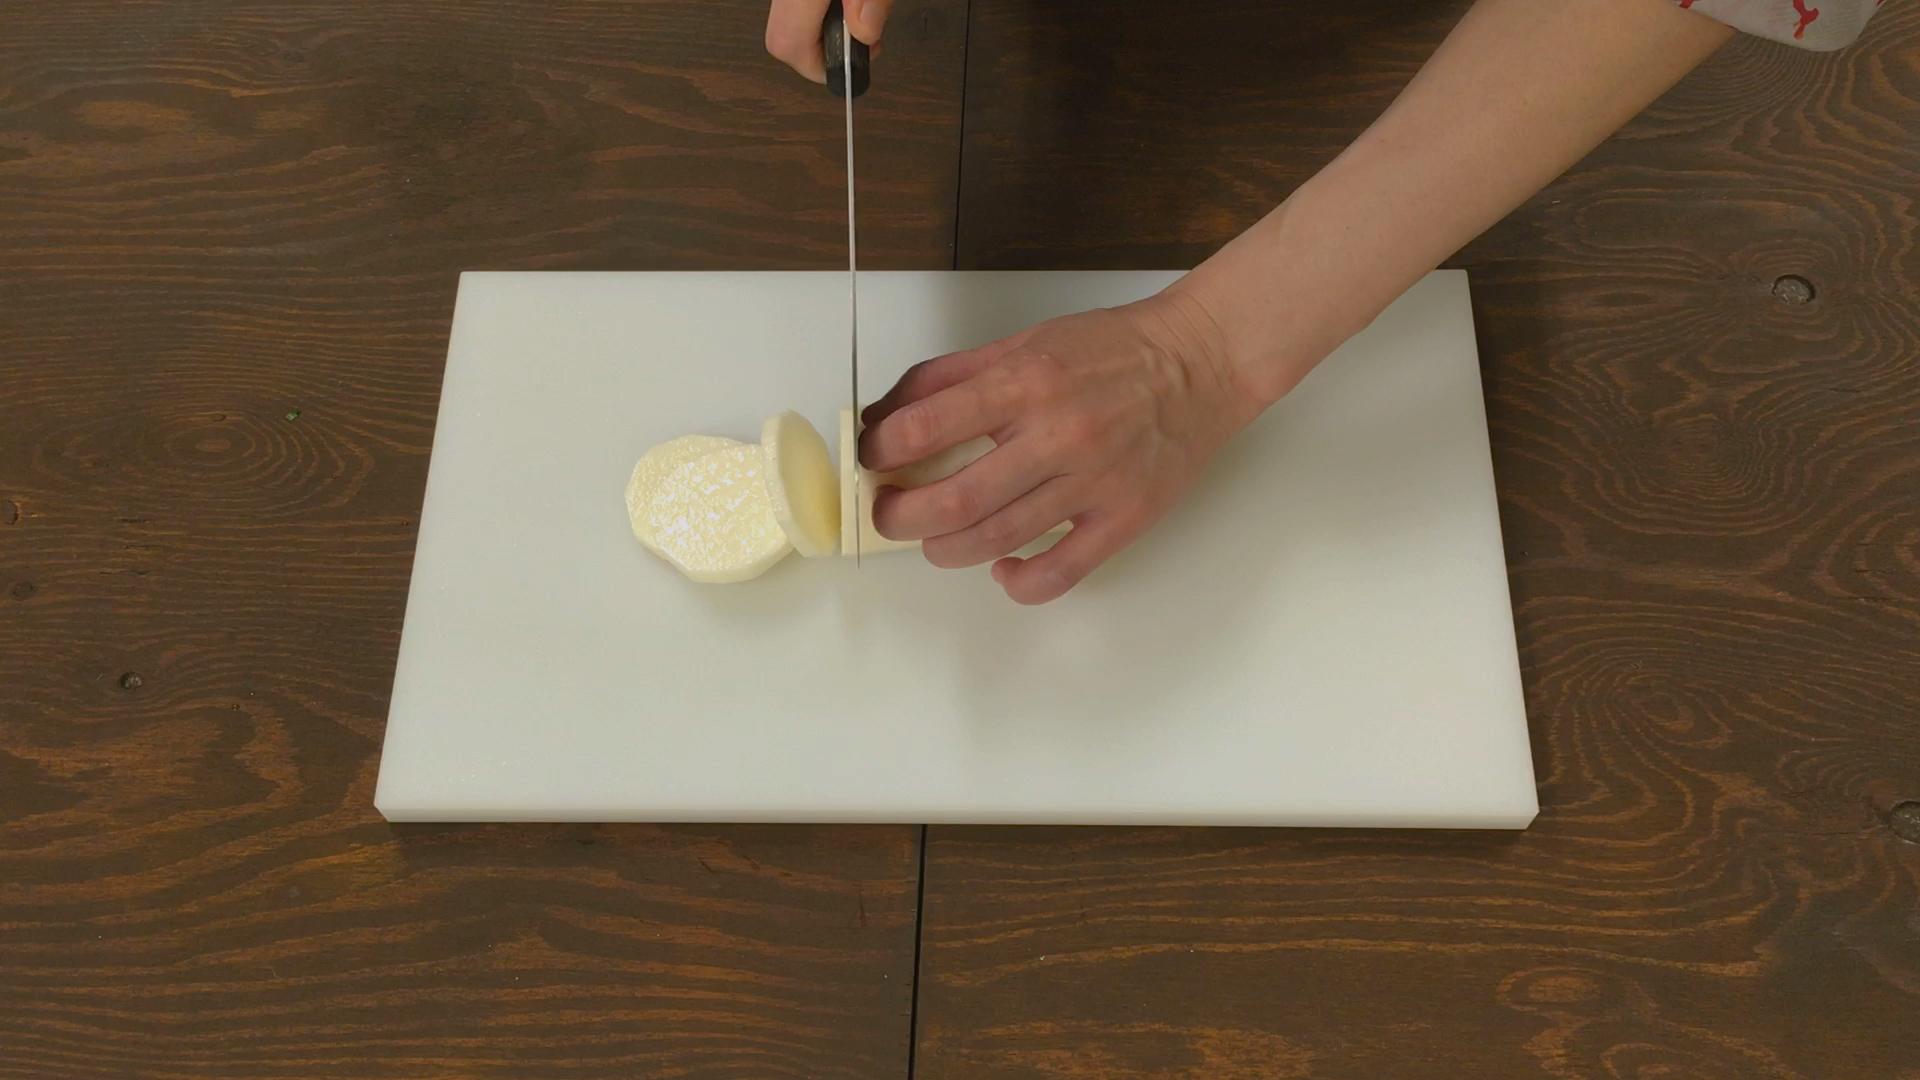 長芋は皮を除いて7mm厚さの半月切りにする。